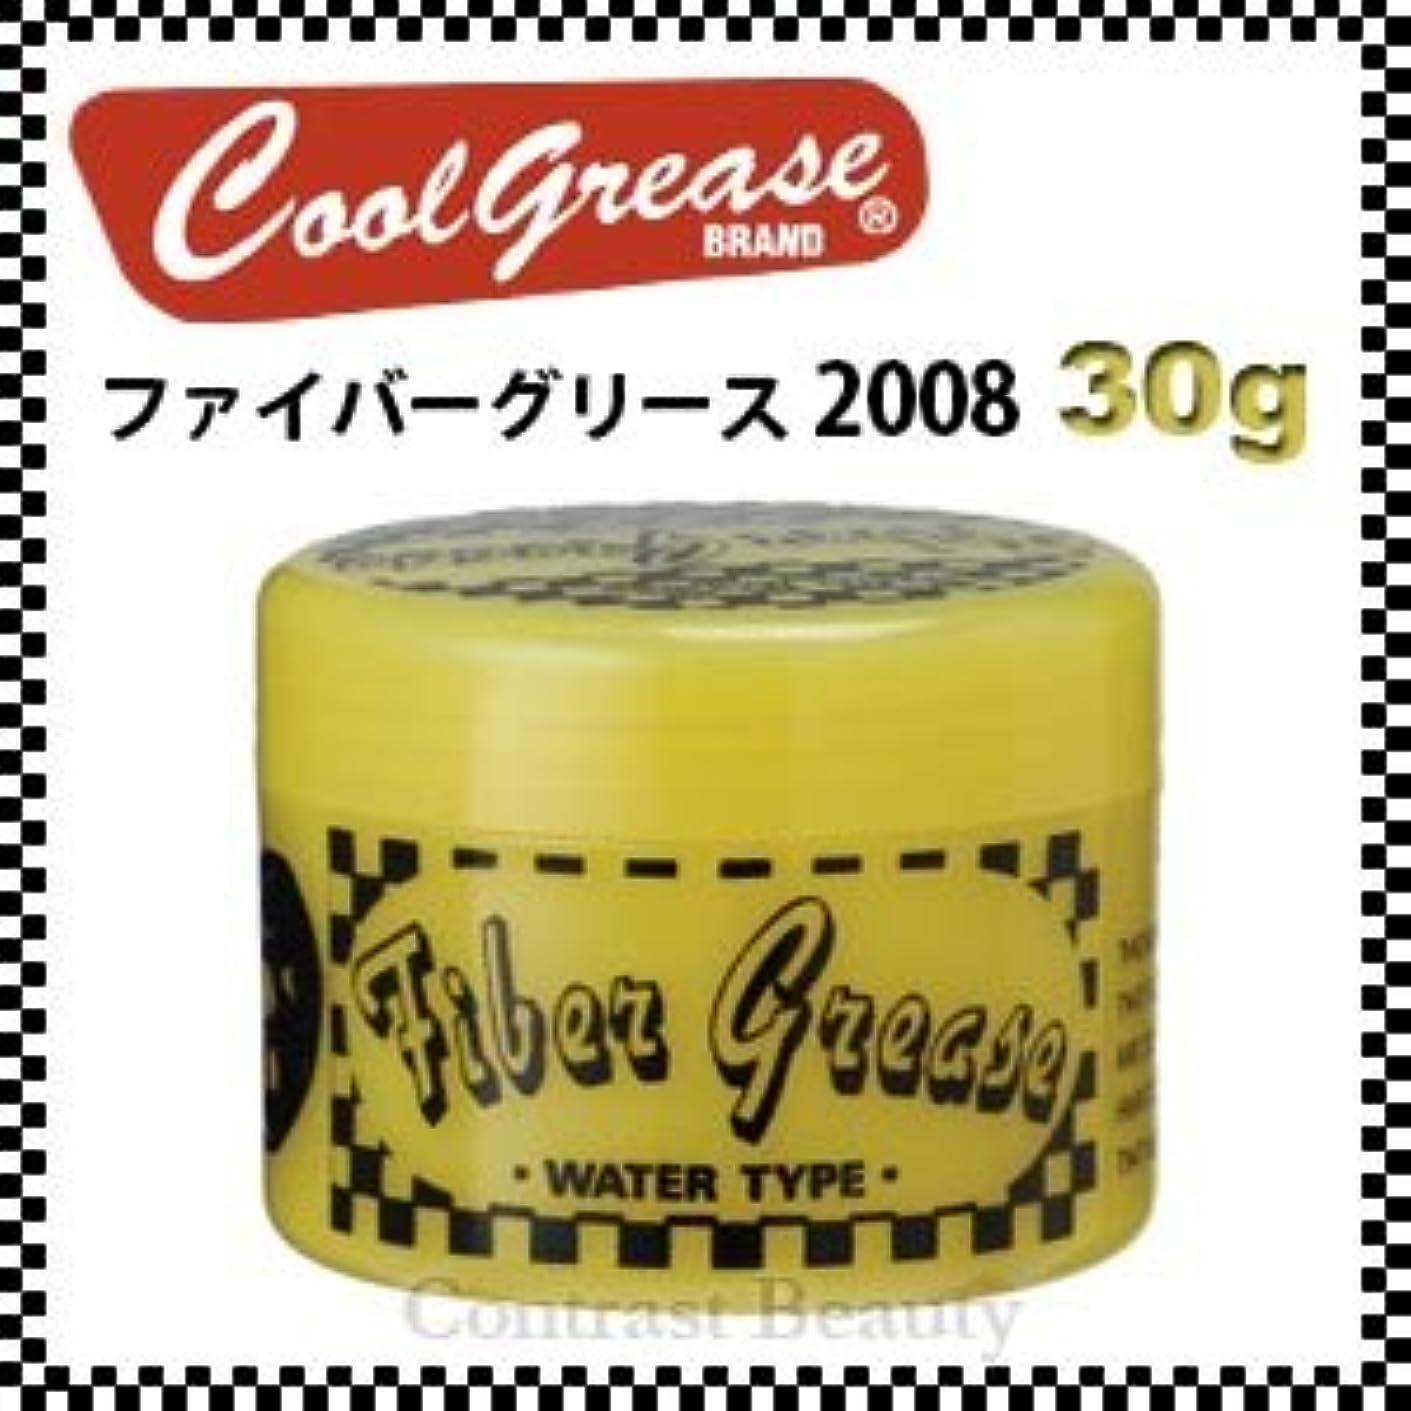 ワームバウンドオフセット阪本高生堂 ファイバーグリース 2008 30g